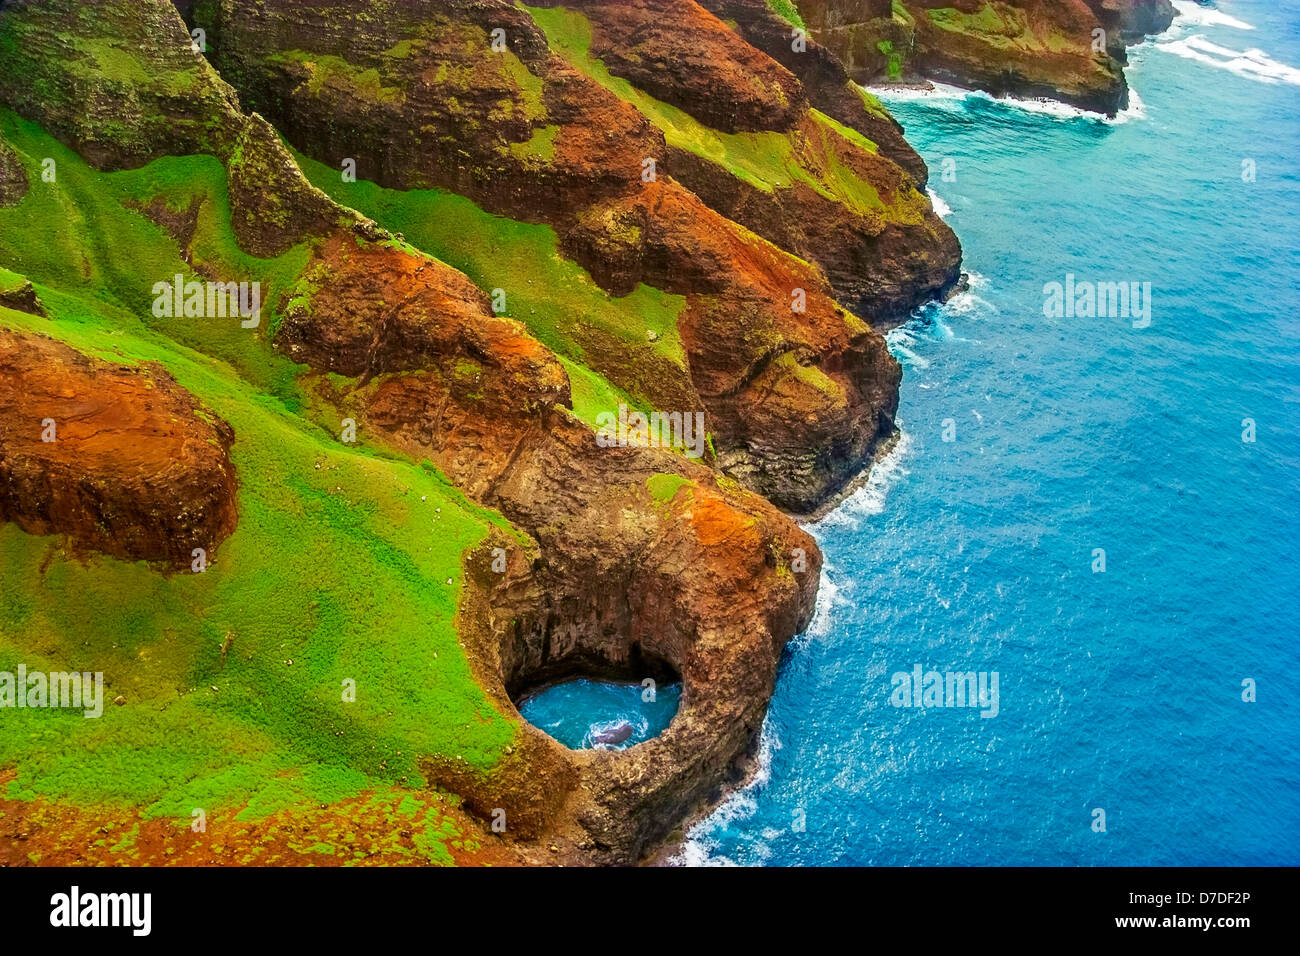 Costa di Na Pali vista, Kauai, Hawaii, STATI UNITI D'AMERICA Immagini Stock